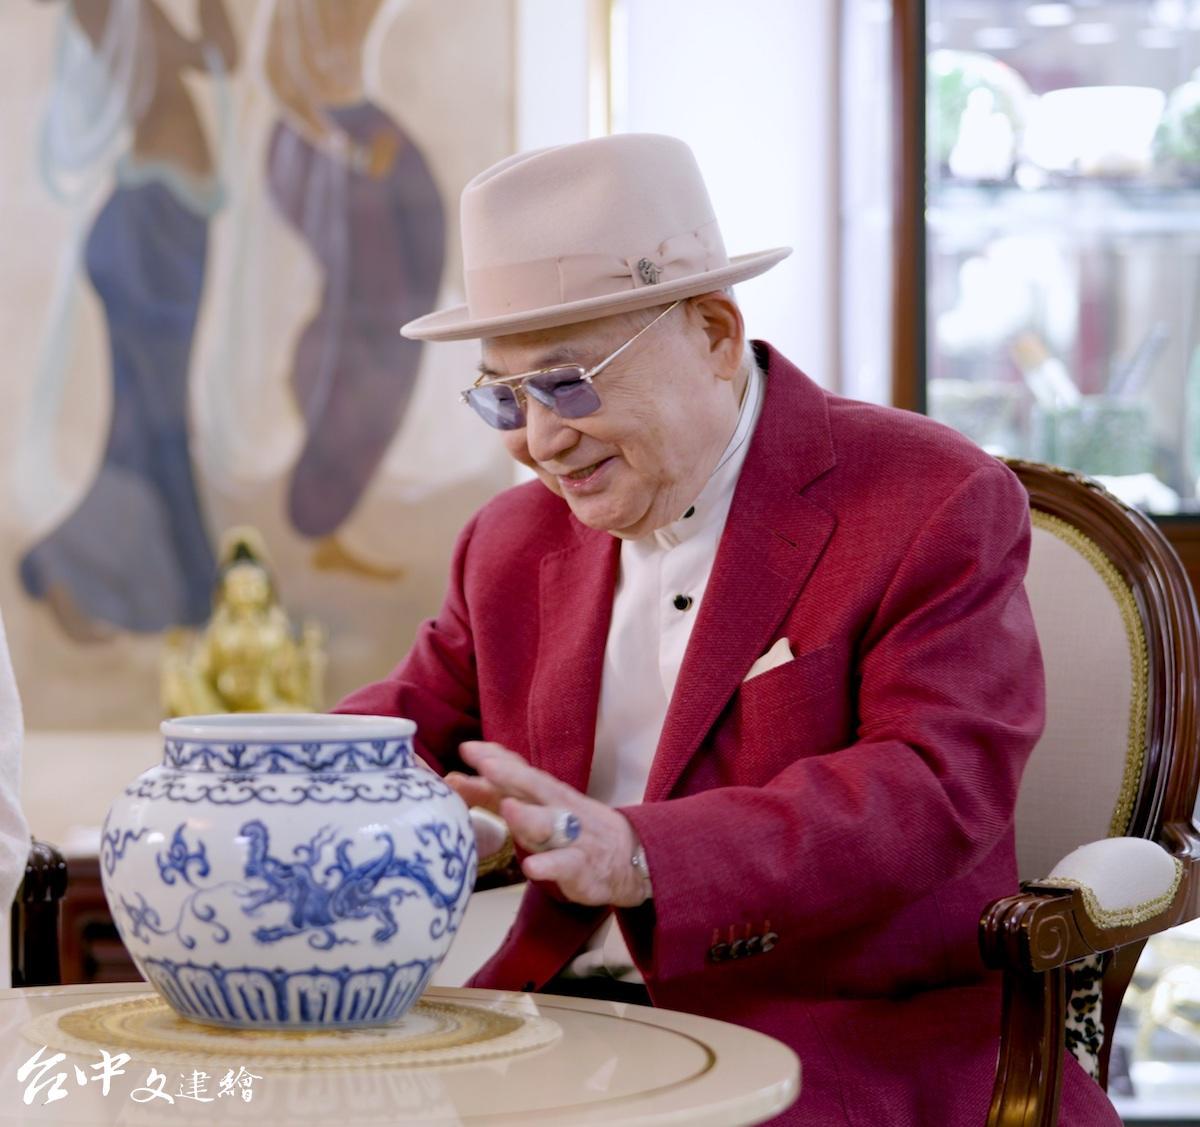 知名收藏家張宗憲此次委託拍賣的明宣德青花夔龍紋罐。(圖:業者提供)